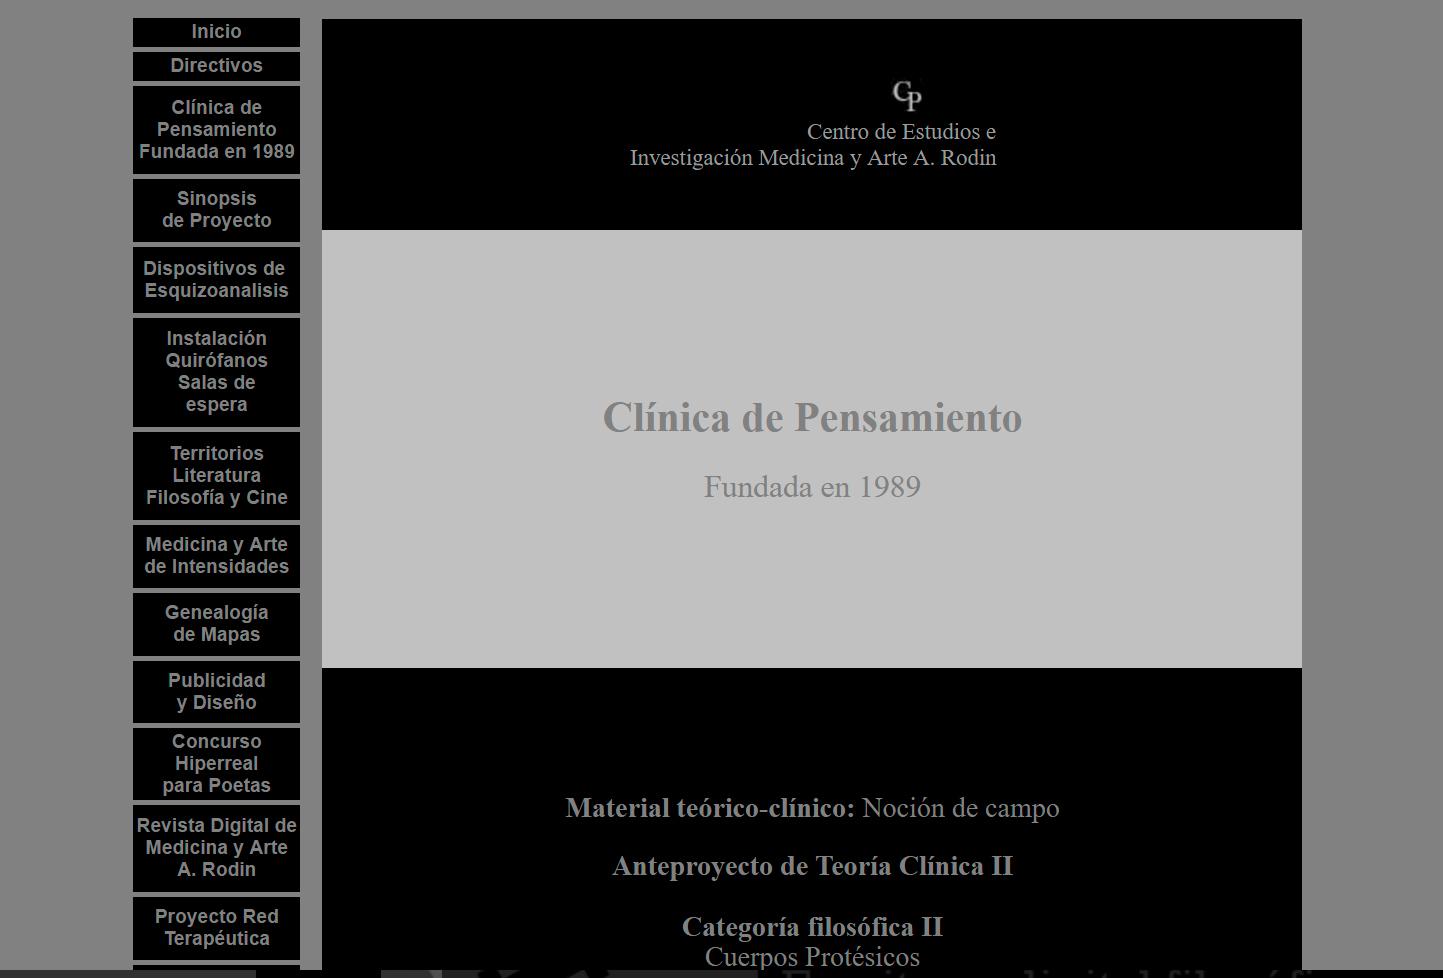 http://medicinayarte.com/img/clinica_de_pensamiento_1989.jpg